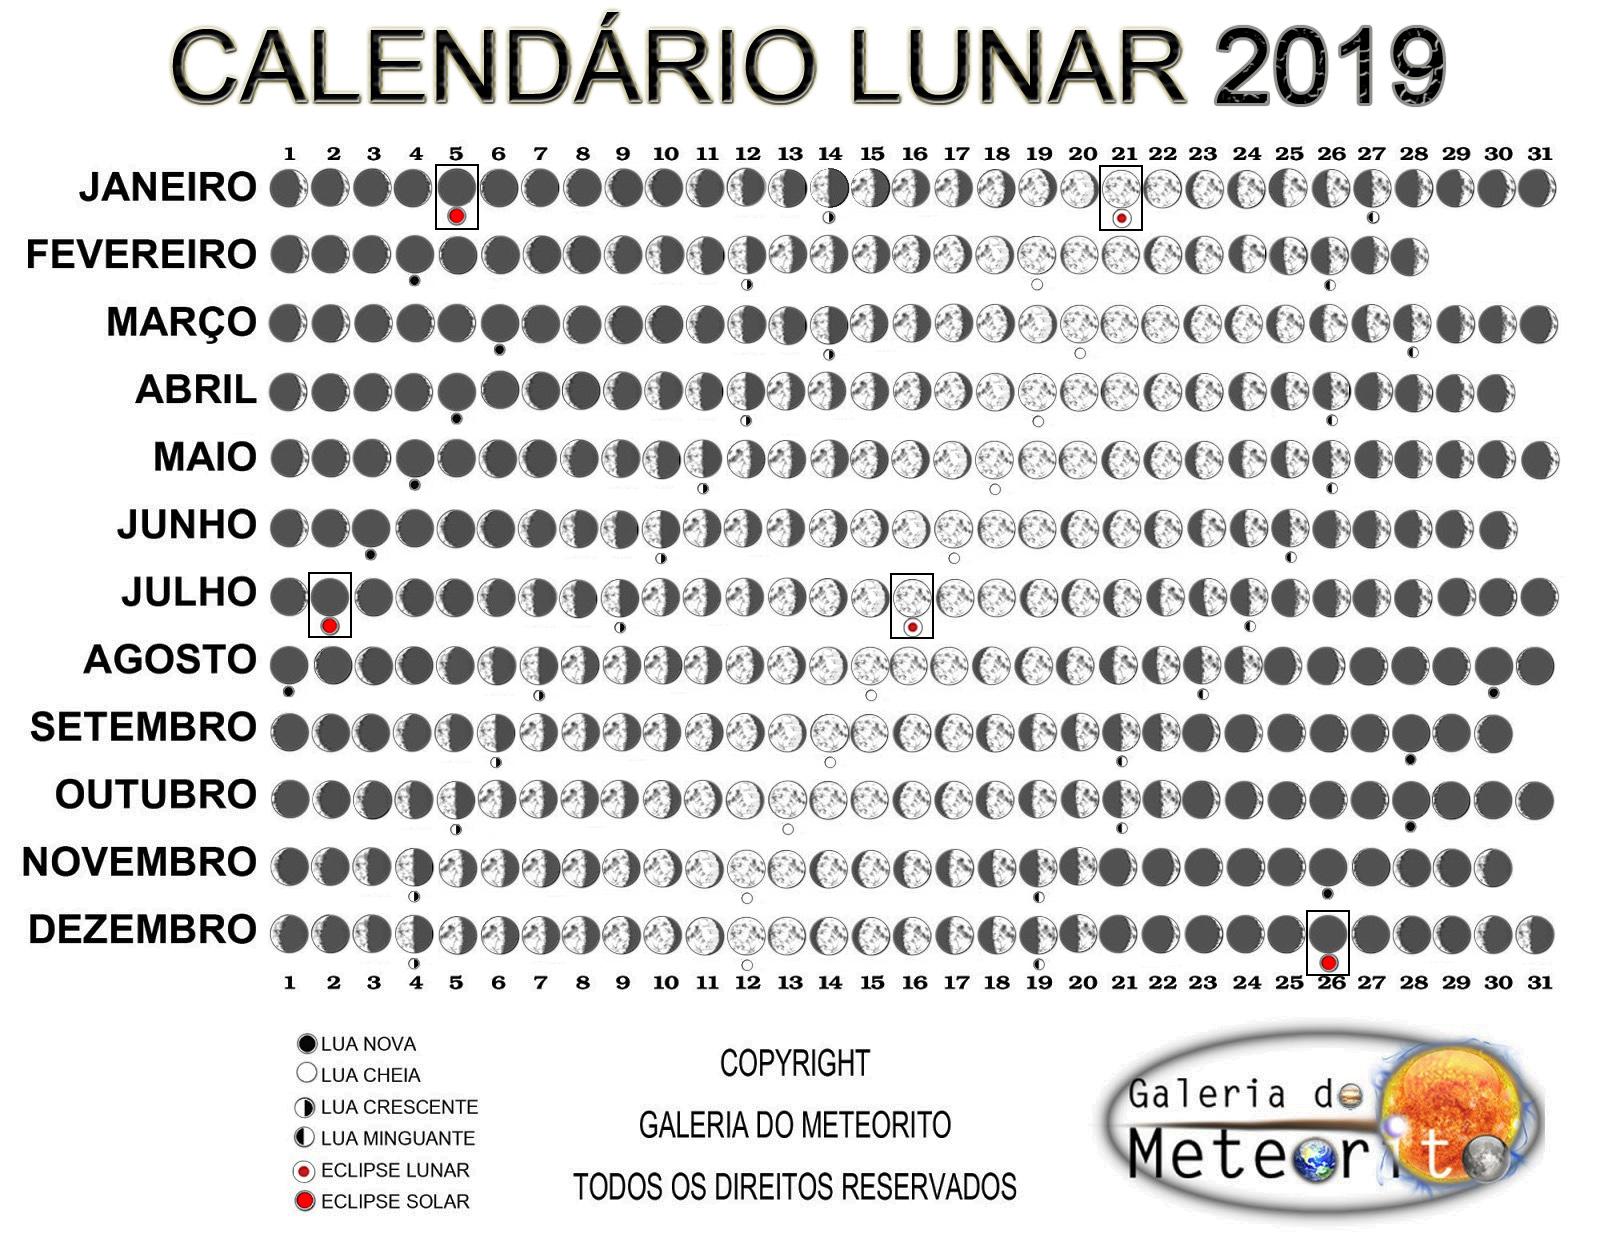 Calendario Lunar 2019 Espana.Top 10 Punto Medio Noticias Calendario Lunar 2019 Pesca Portugal